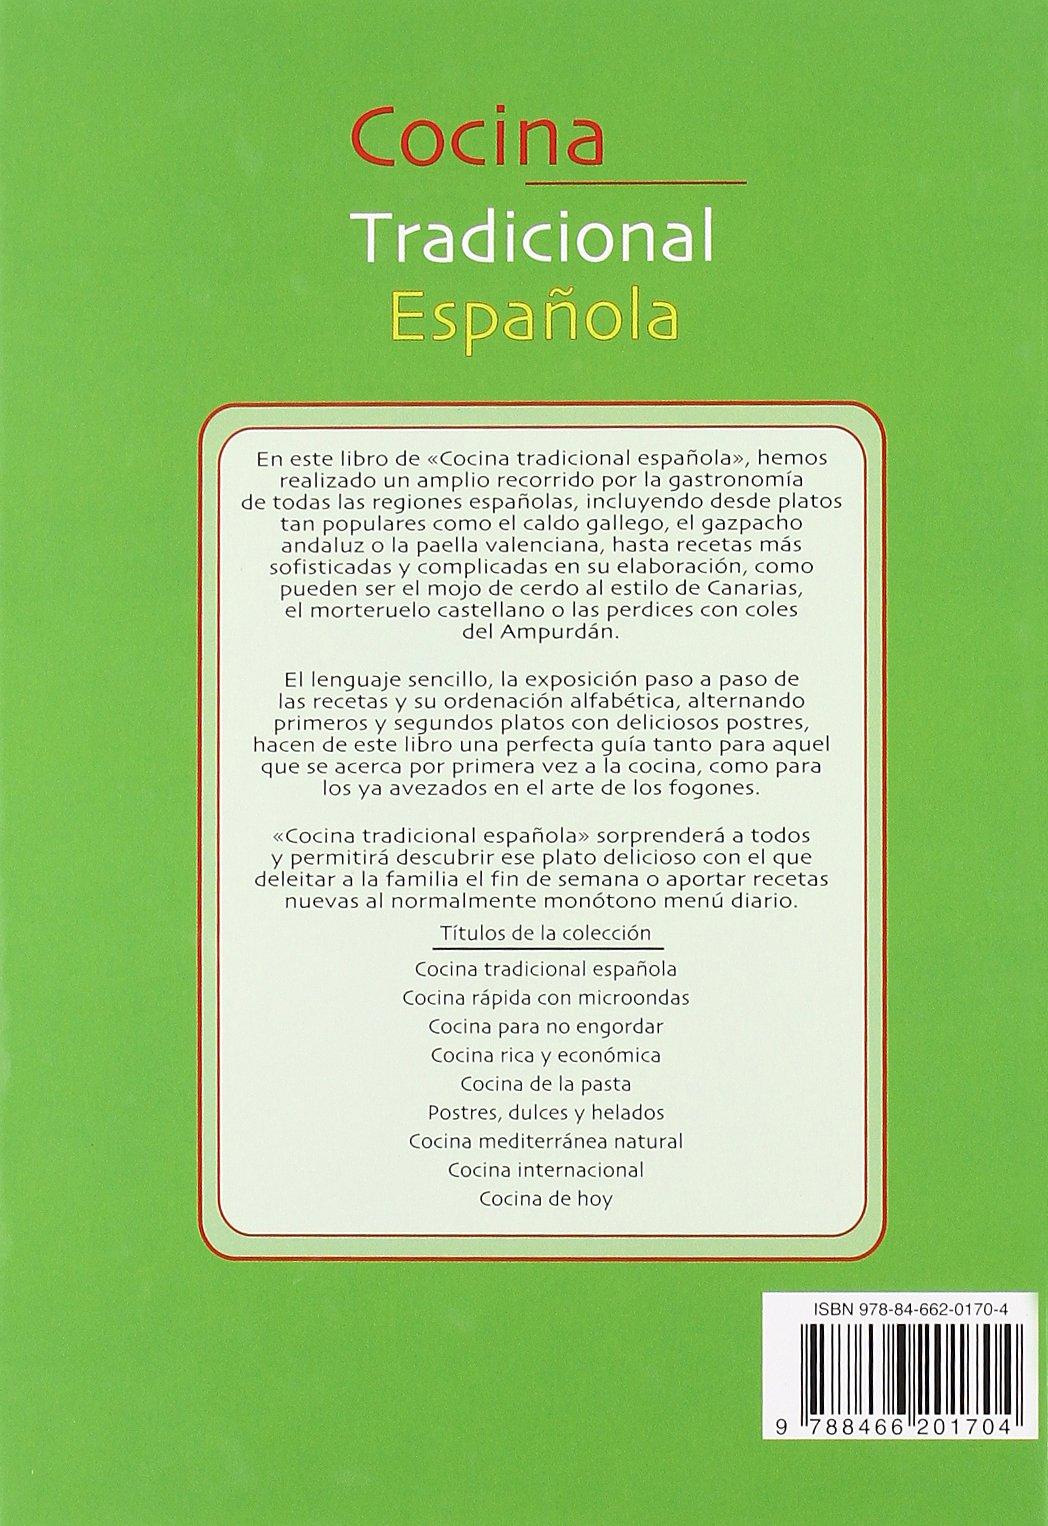 Cocina Tradicional Española (La Mejor Gastronomía): Amazon.es: Sanjuan, Gloria: Libros